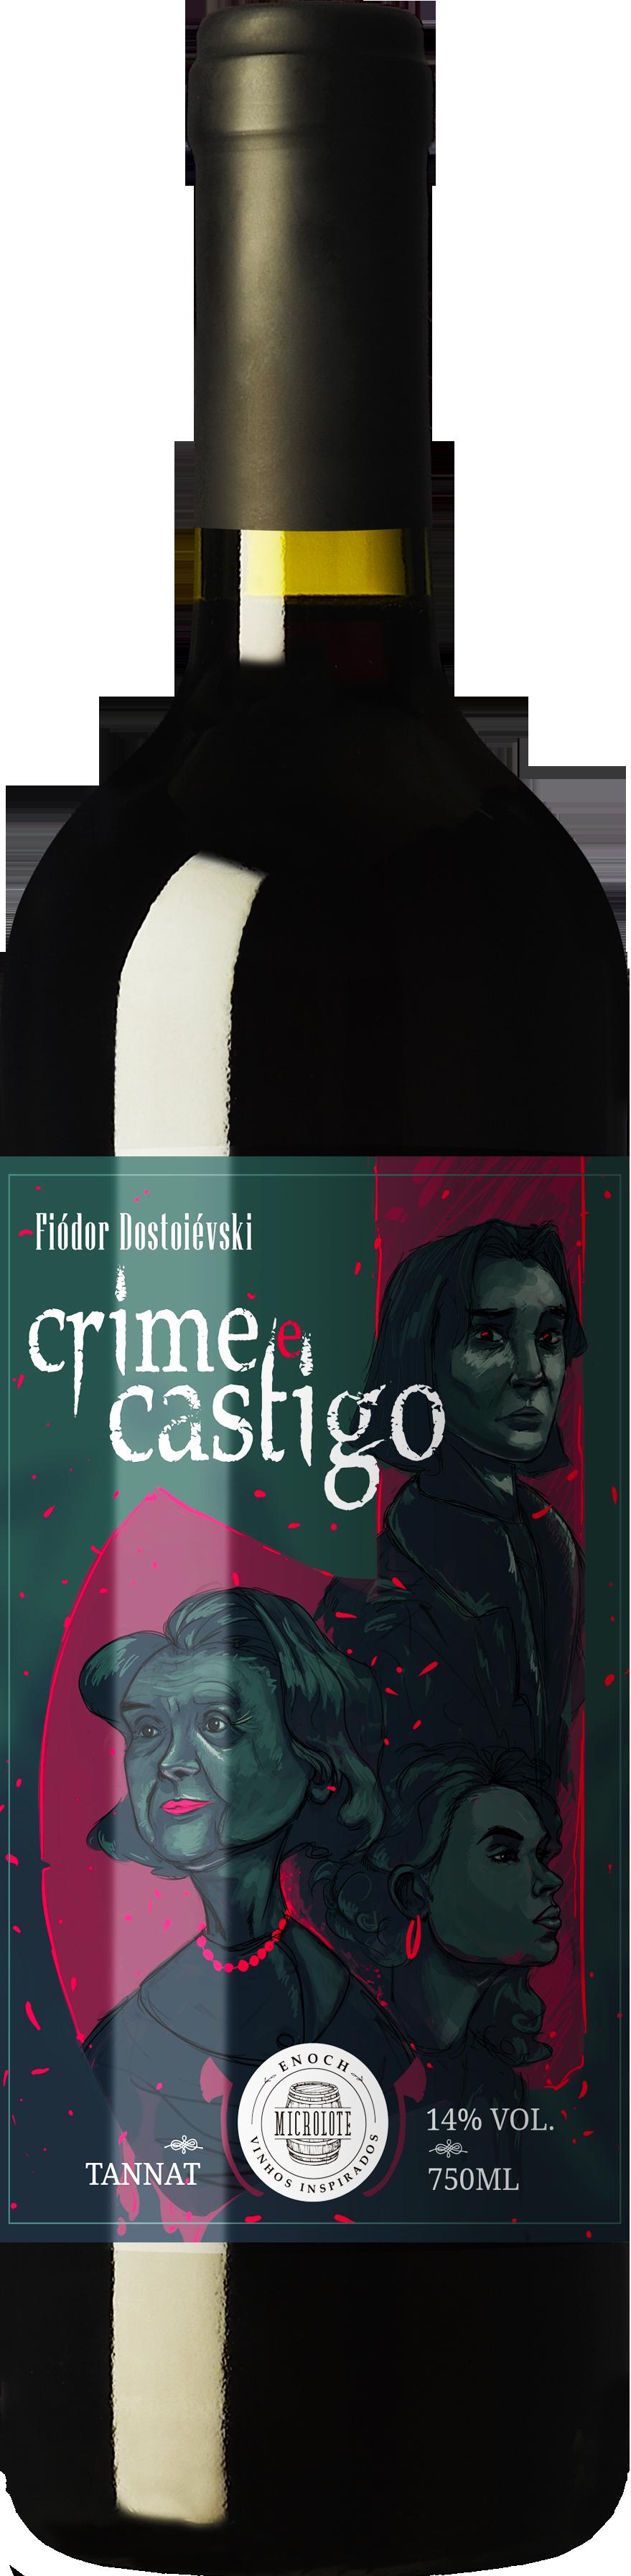 Crime & Castigo • Tannat